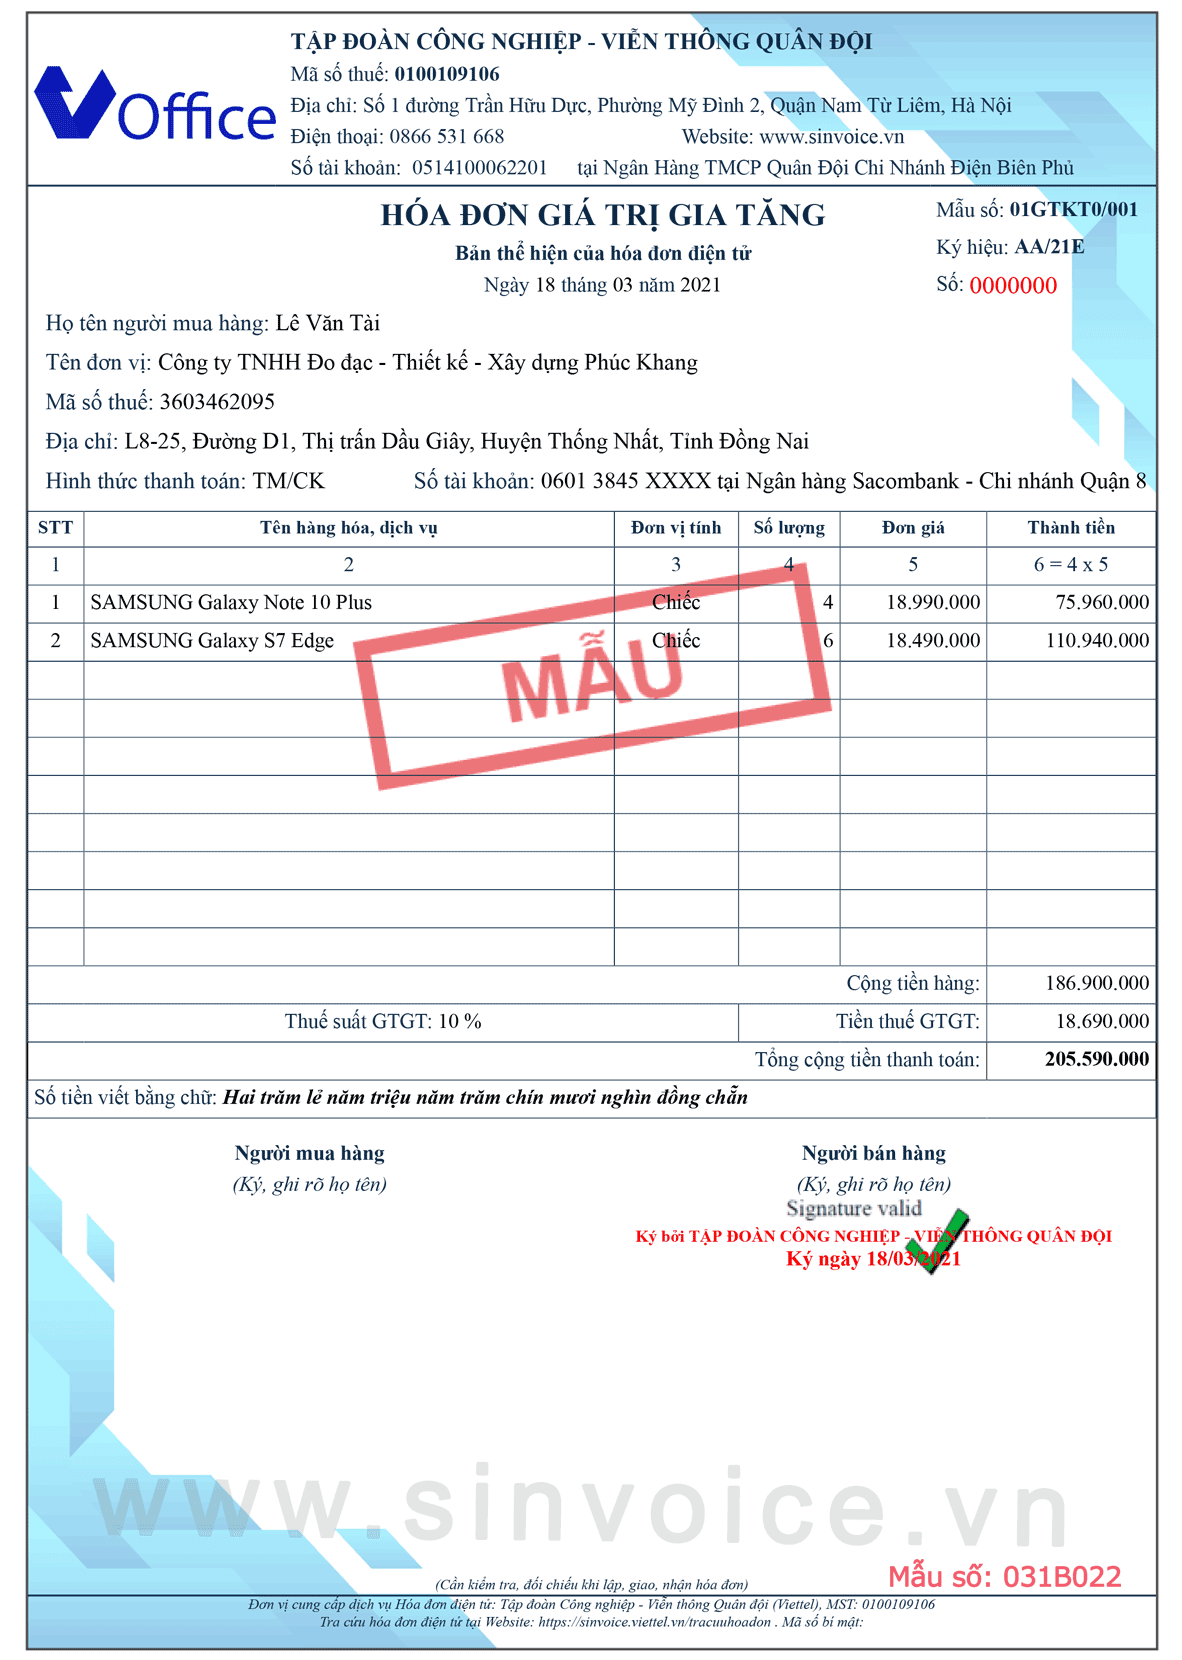 Mẫu hóa đơn điện tử số 031B022